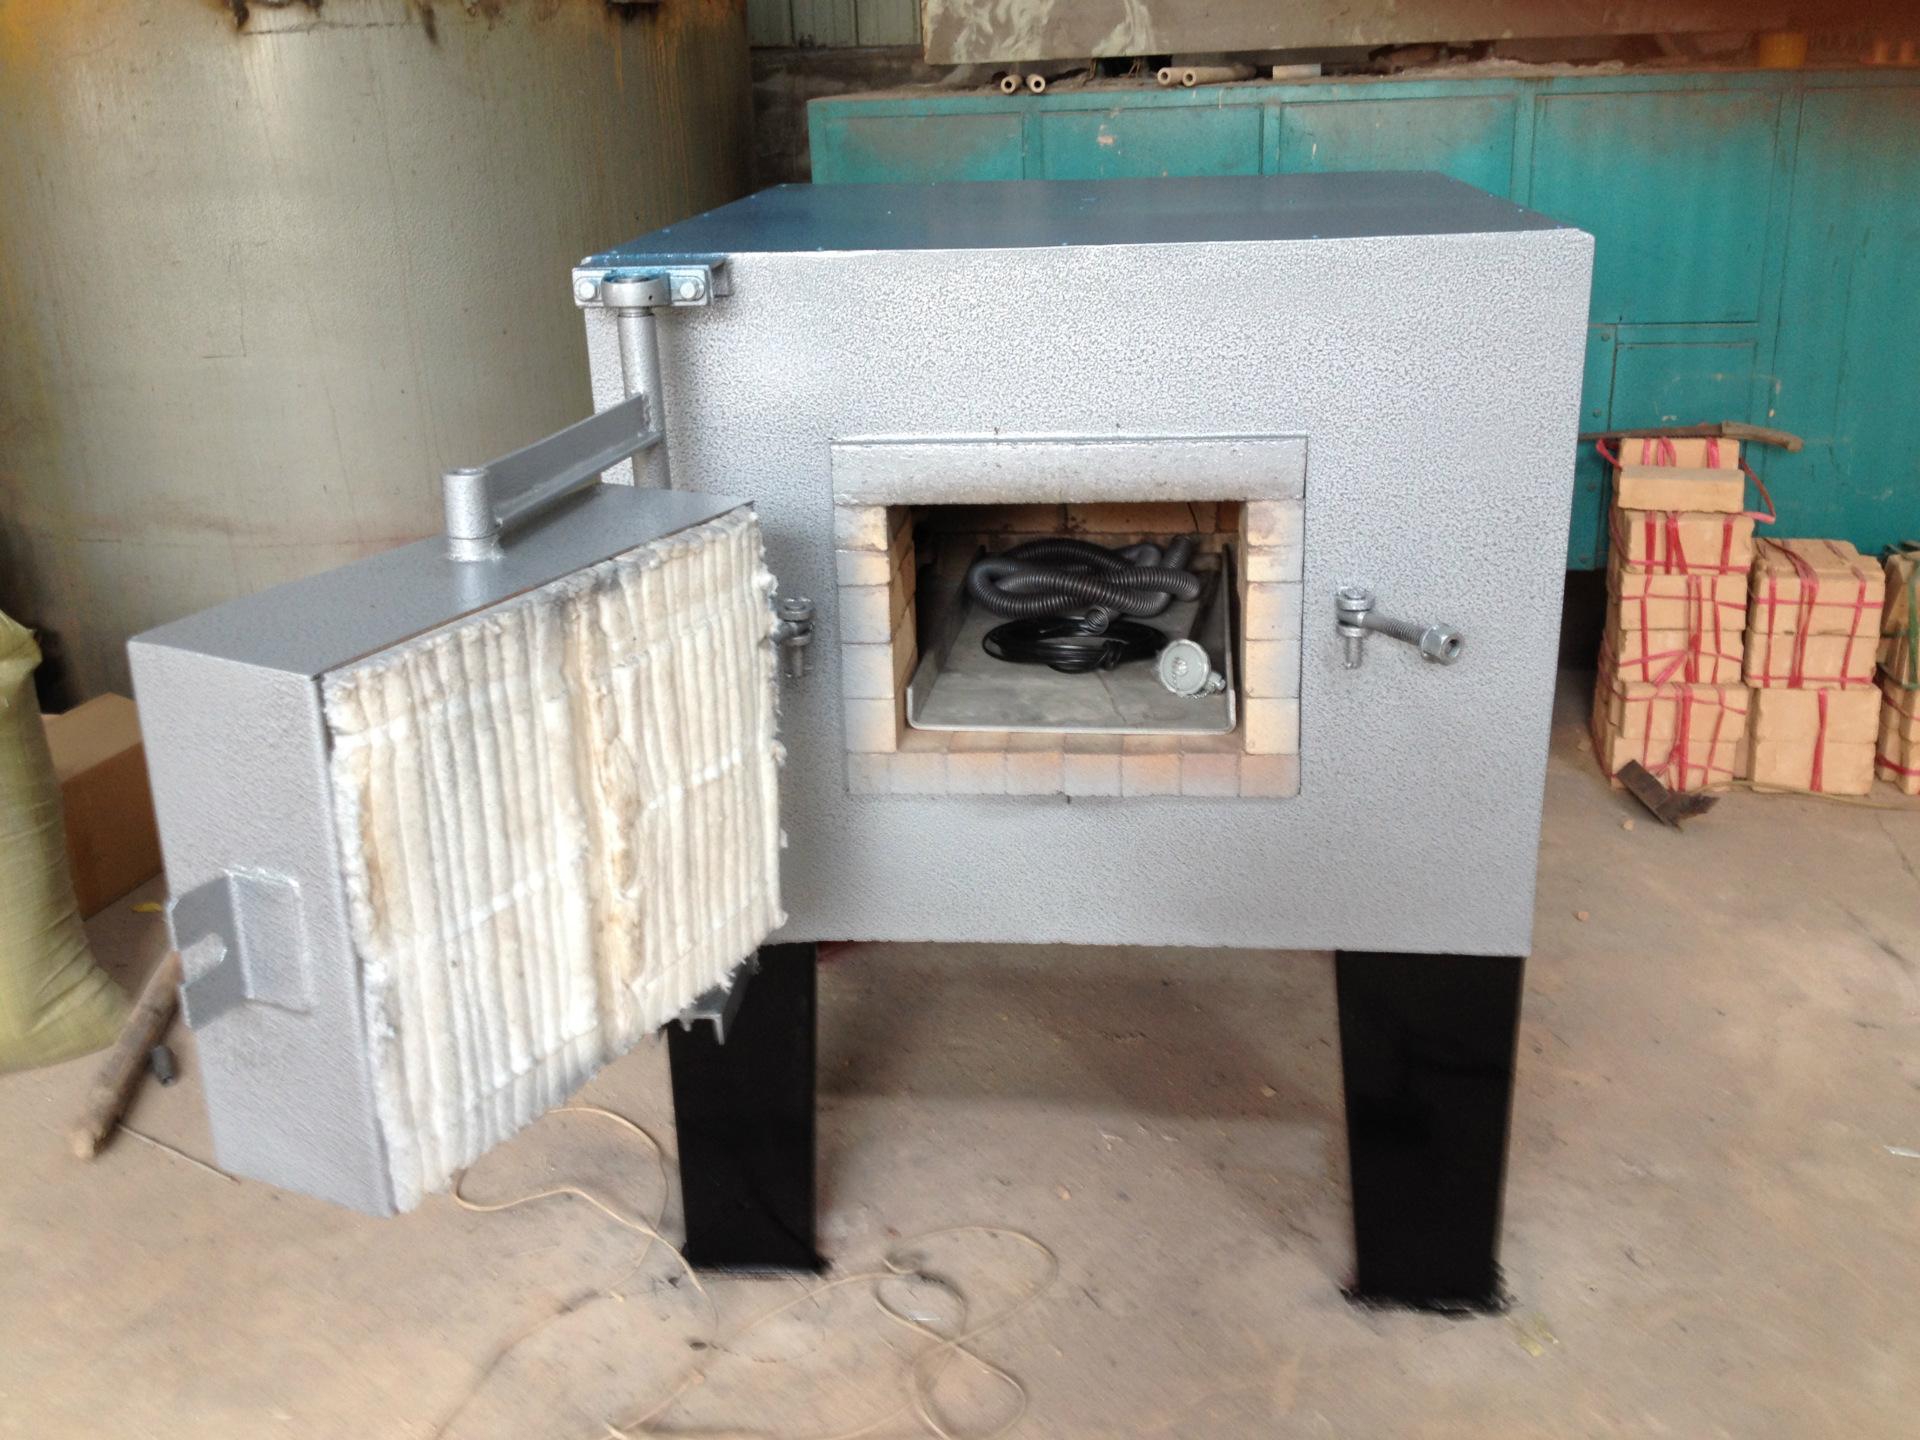 等温淬火炉 箱式淬火炉 供应小型箱式等温淬火炉 阿里巴巴